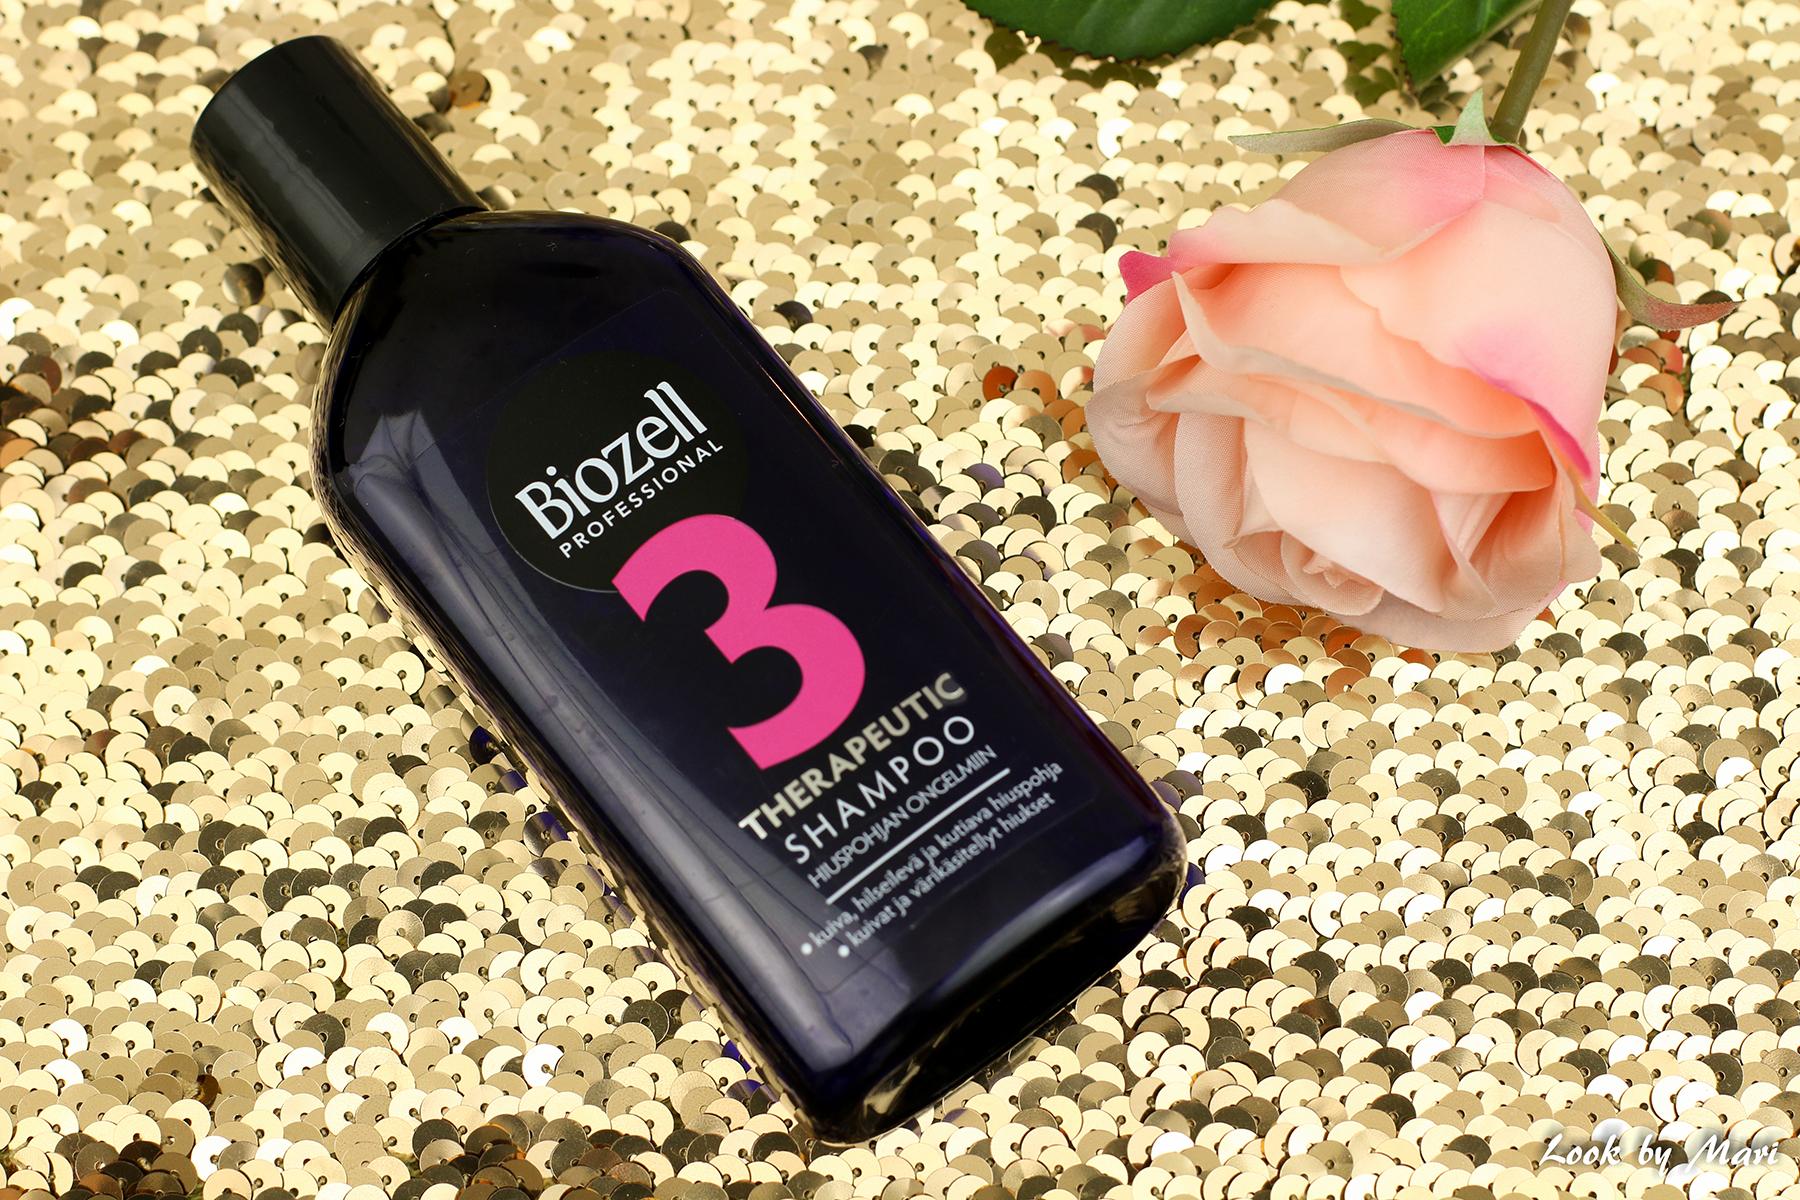 2 biozell therapeutic shampoo 3 kuivalle ja värikäsitellyille hiuksille kokemuksia